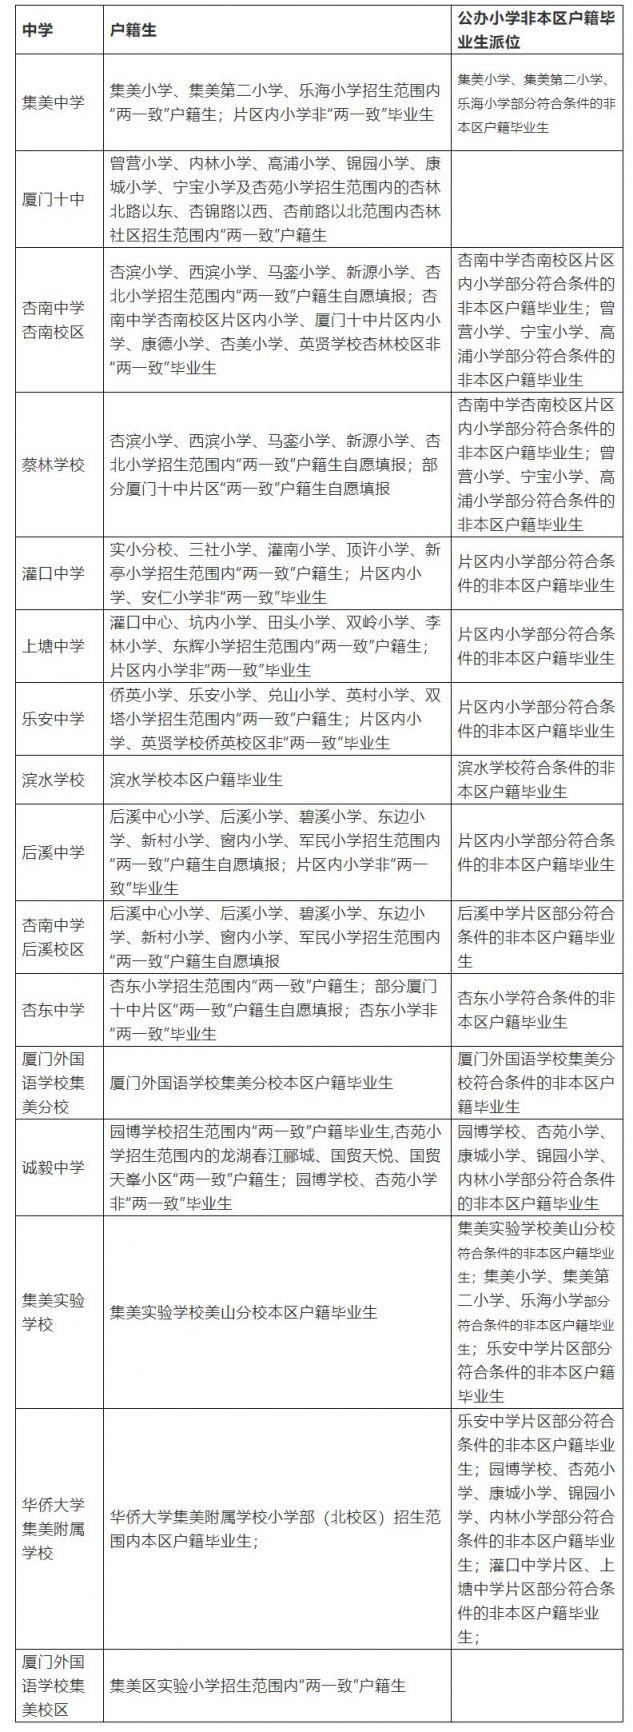 2021年廈門各區初中招生計劃及劃片方案匯總(持續更新)